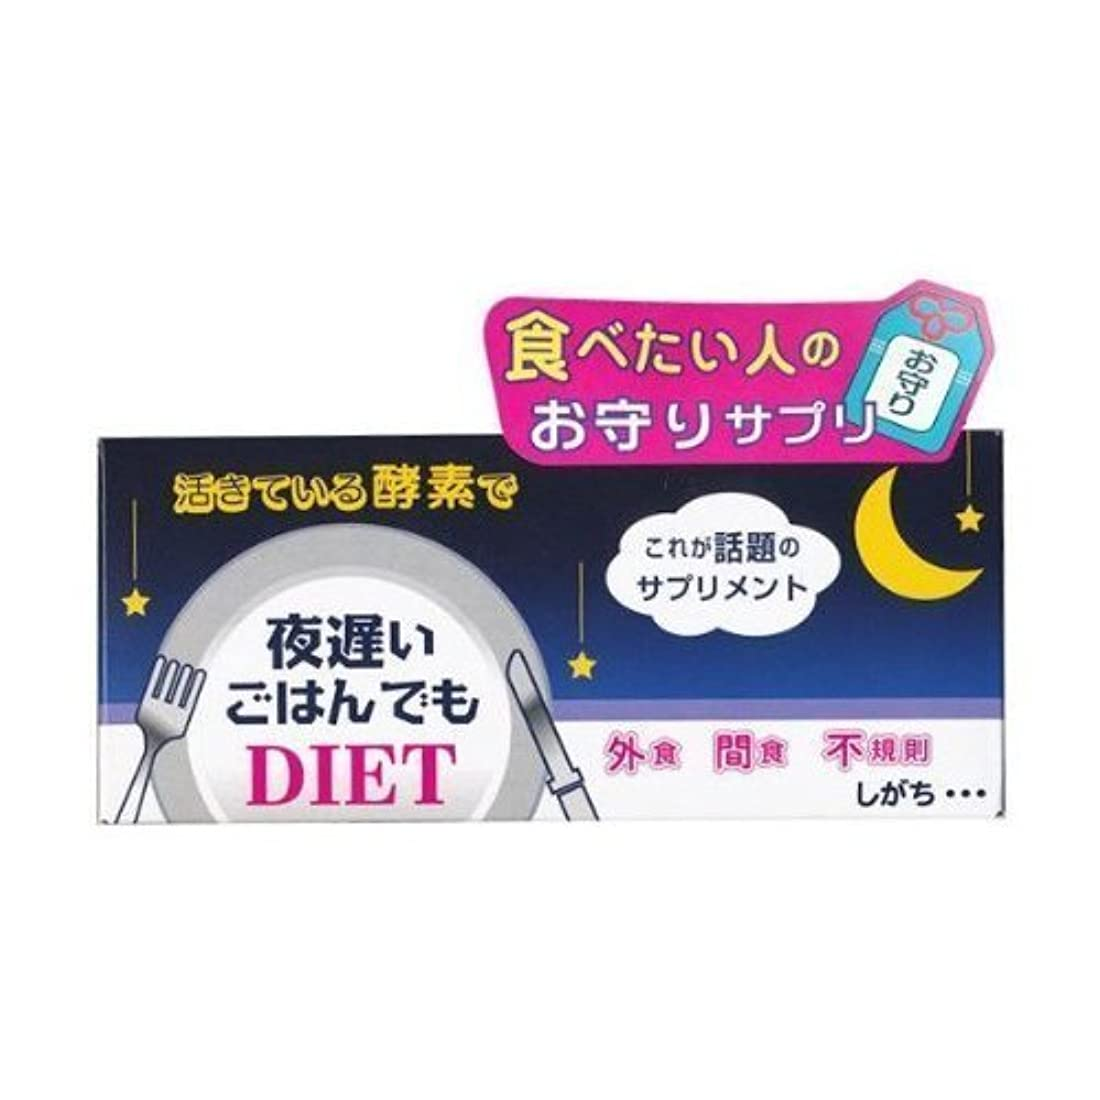 摂氏度ランチワイド新谷酵素 夜遅いごはんでも 30包 【2箱セット】